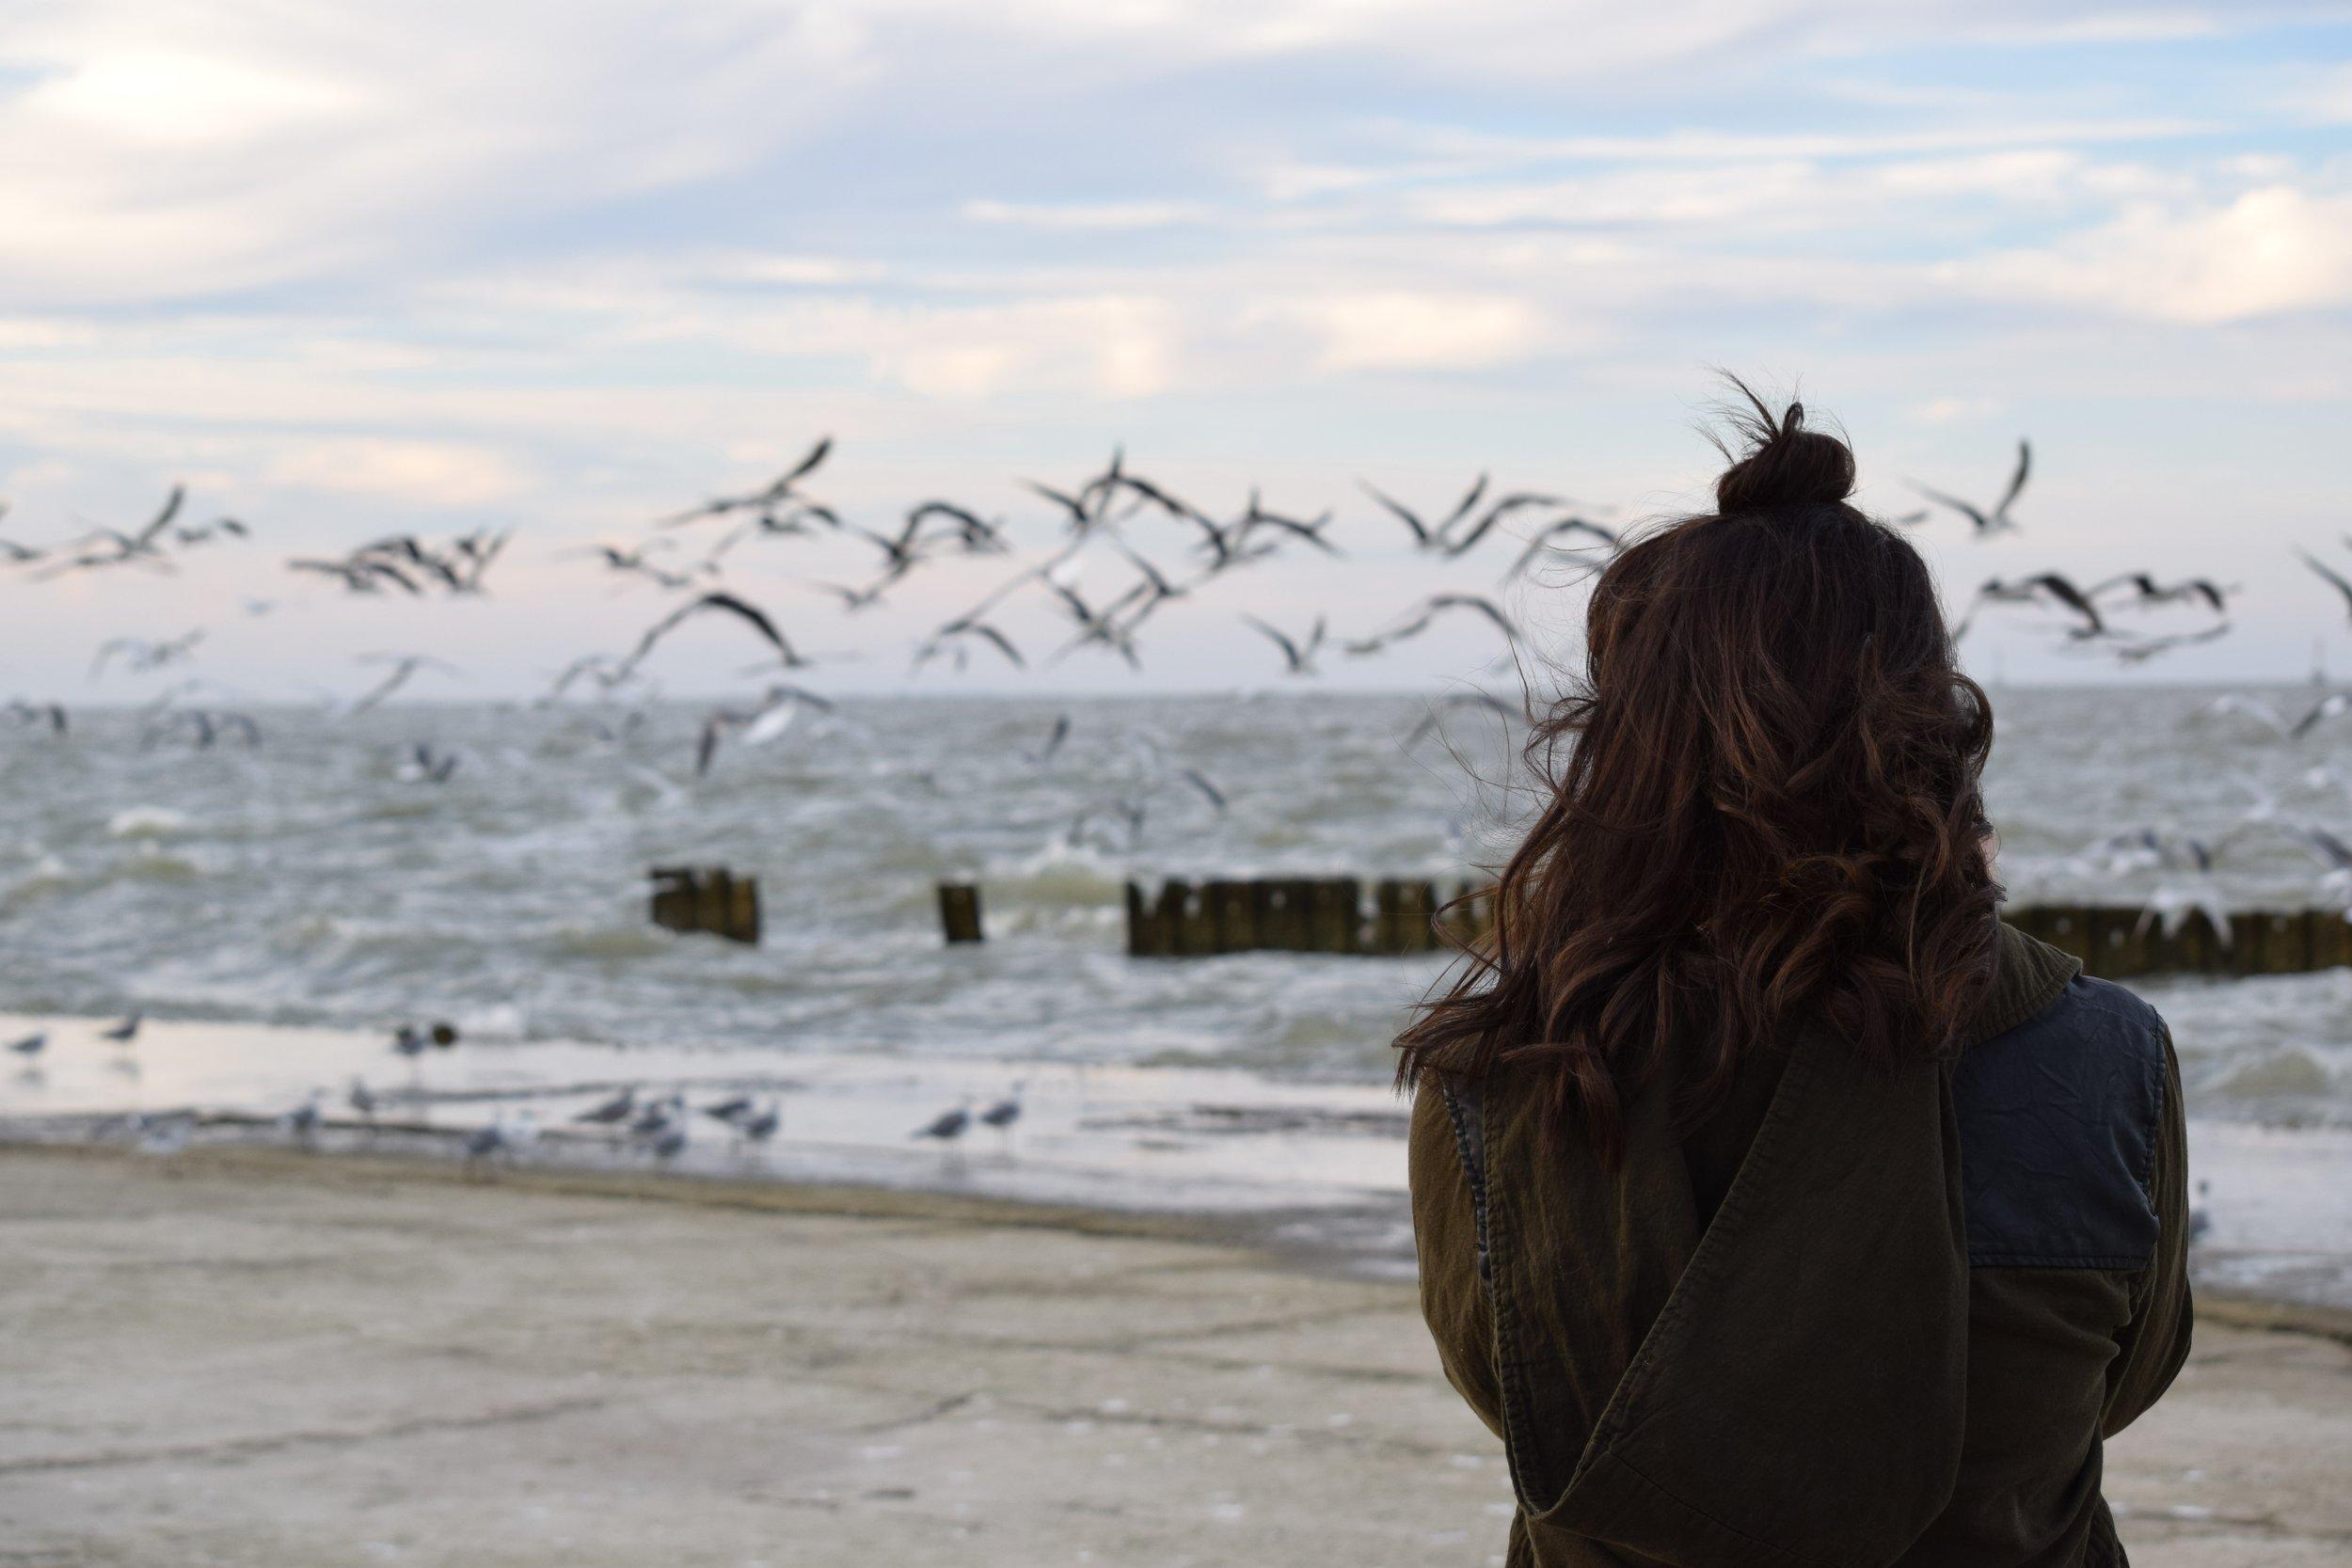 Woman & Ocean (Posted 9-13-19).jpg